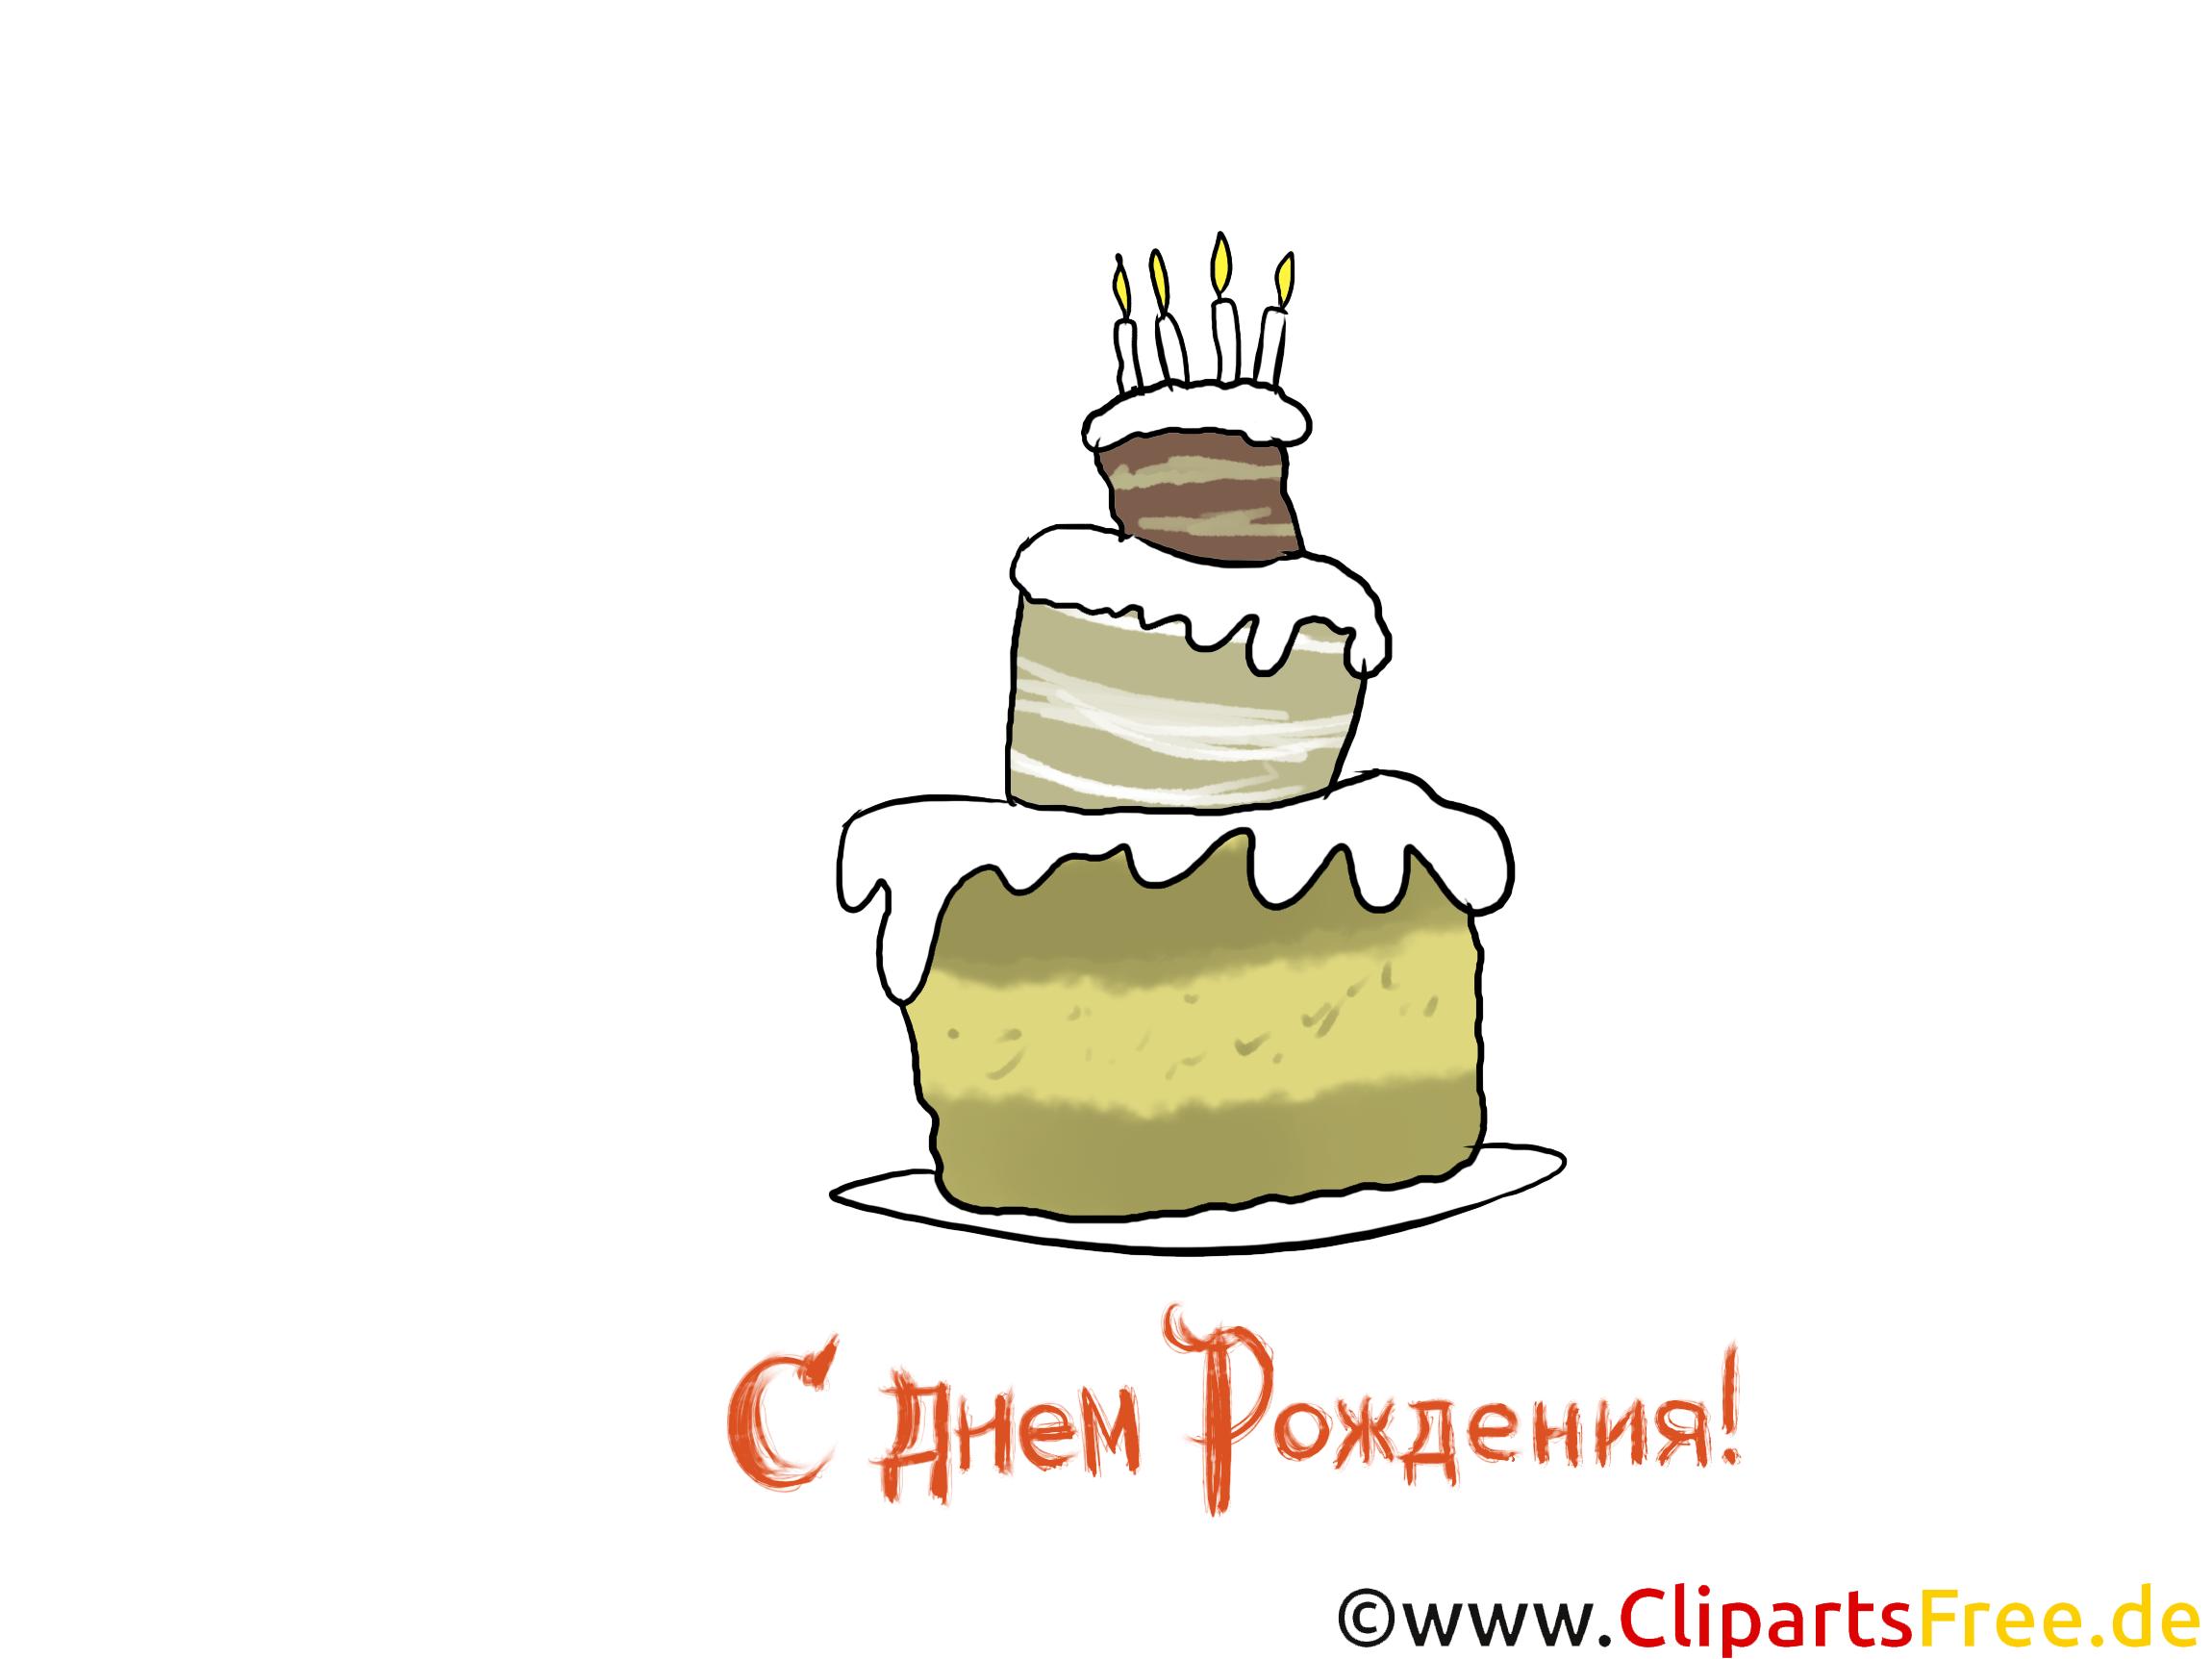 Торт со свечами открытка, клипарт на День Рождения